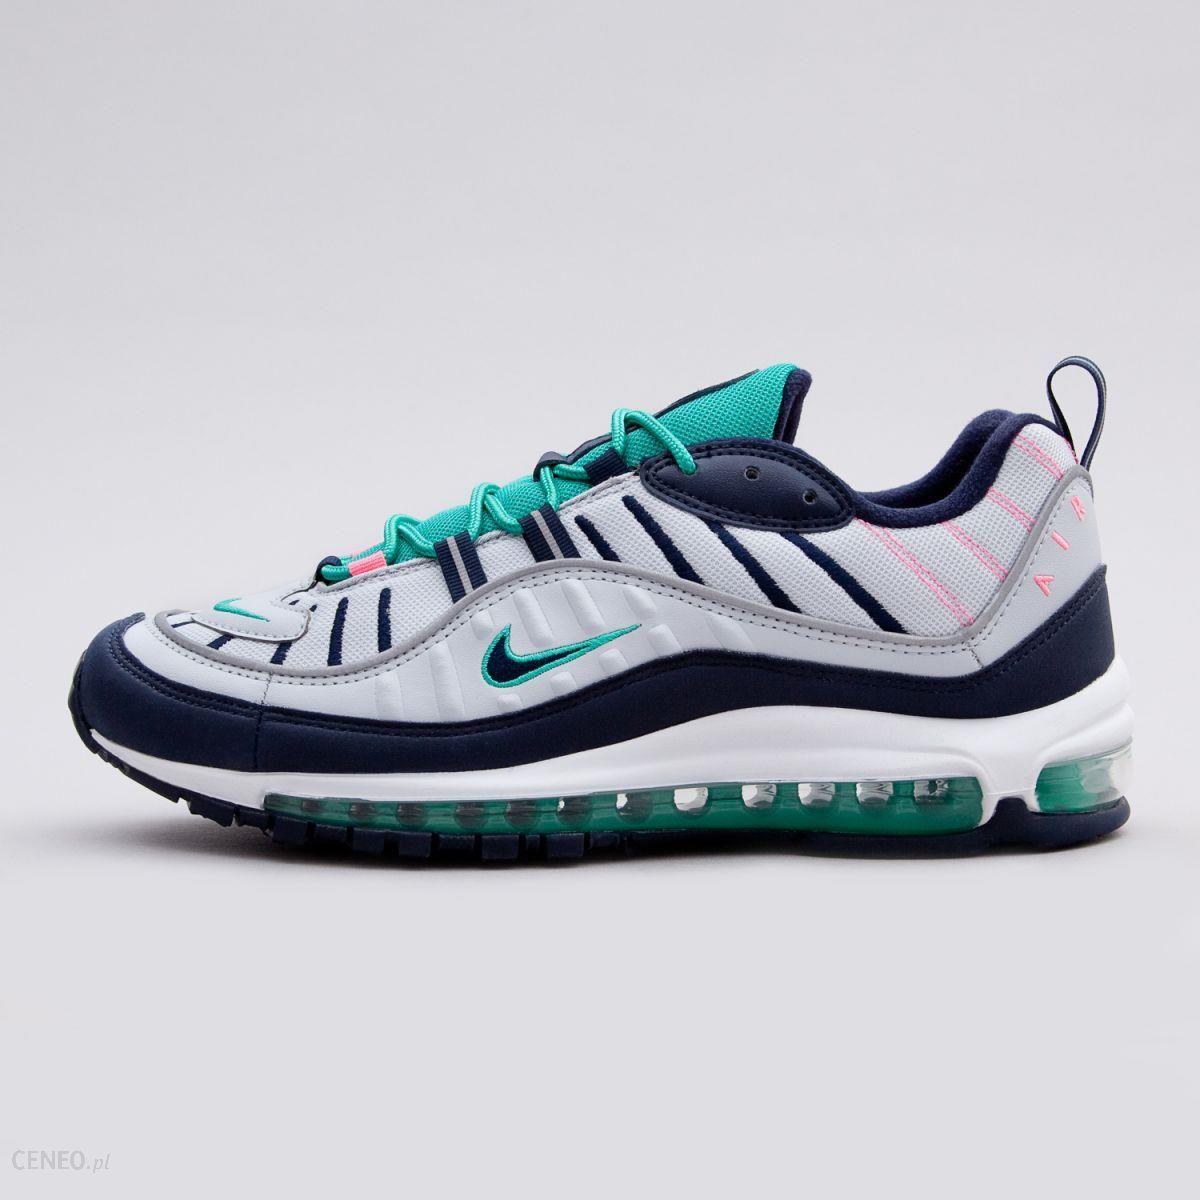 Buty Nike Air Max 98 640744 005, r. 40